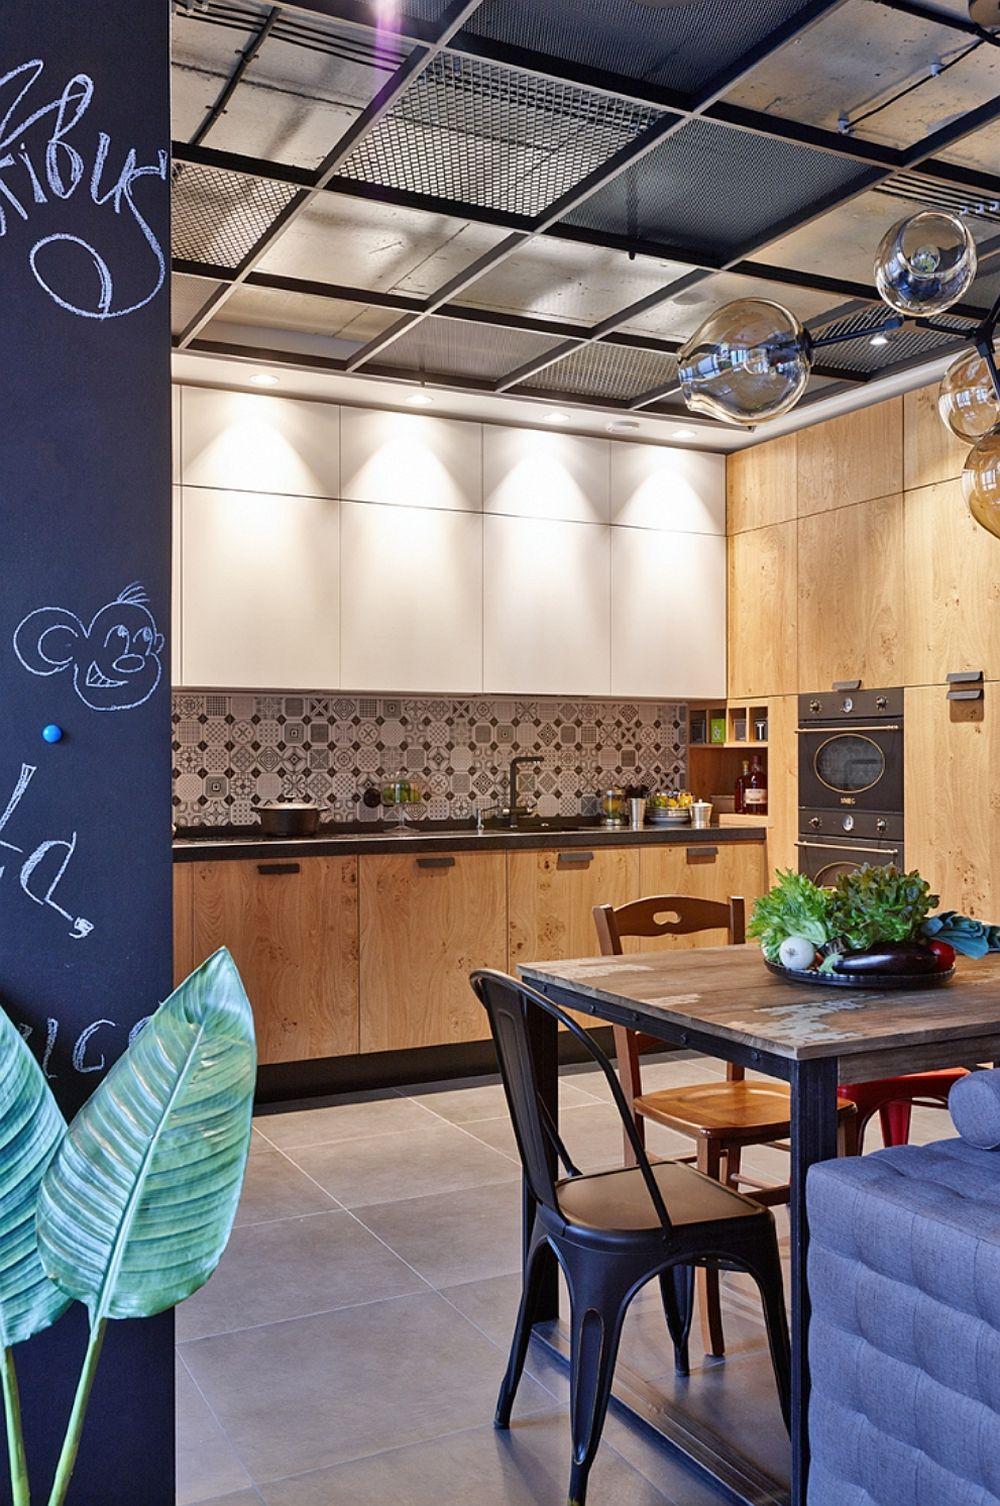 În lateralul bucătăriei sunt încastrate electrocasnicele mai mari - cuptor, cuptor cu microunde, frigider, alături de spații de depozitare. Totul însă este tratat similar unei placări cu lemn, ceea ce adăugă o notă binevenită de căldură spațiului creionat cu tușe de negru.